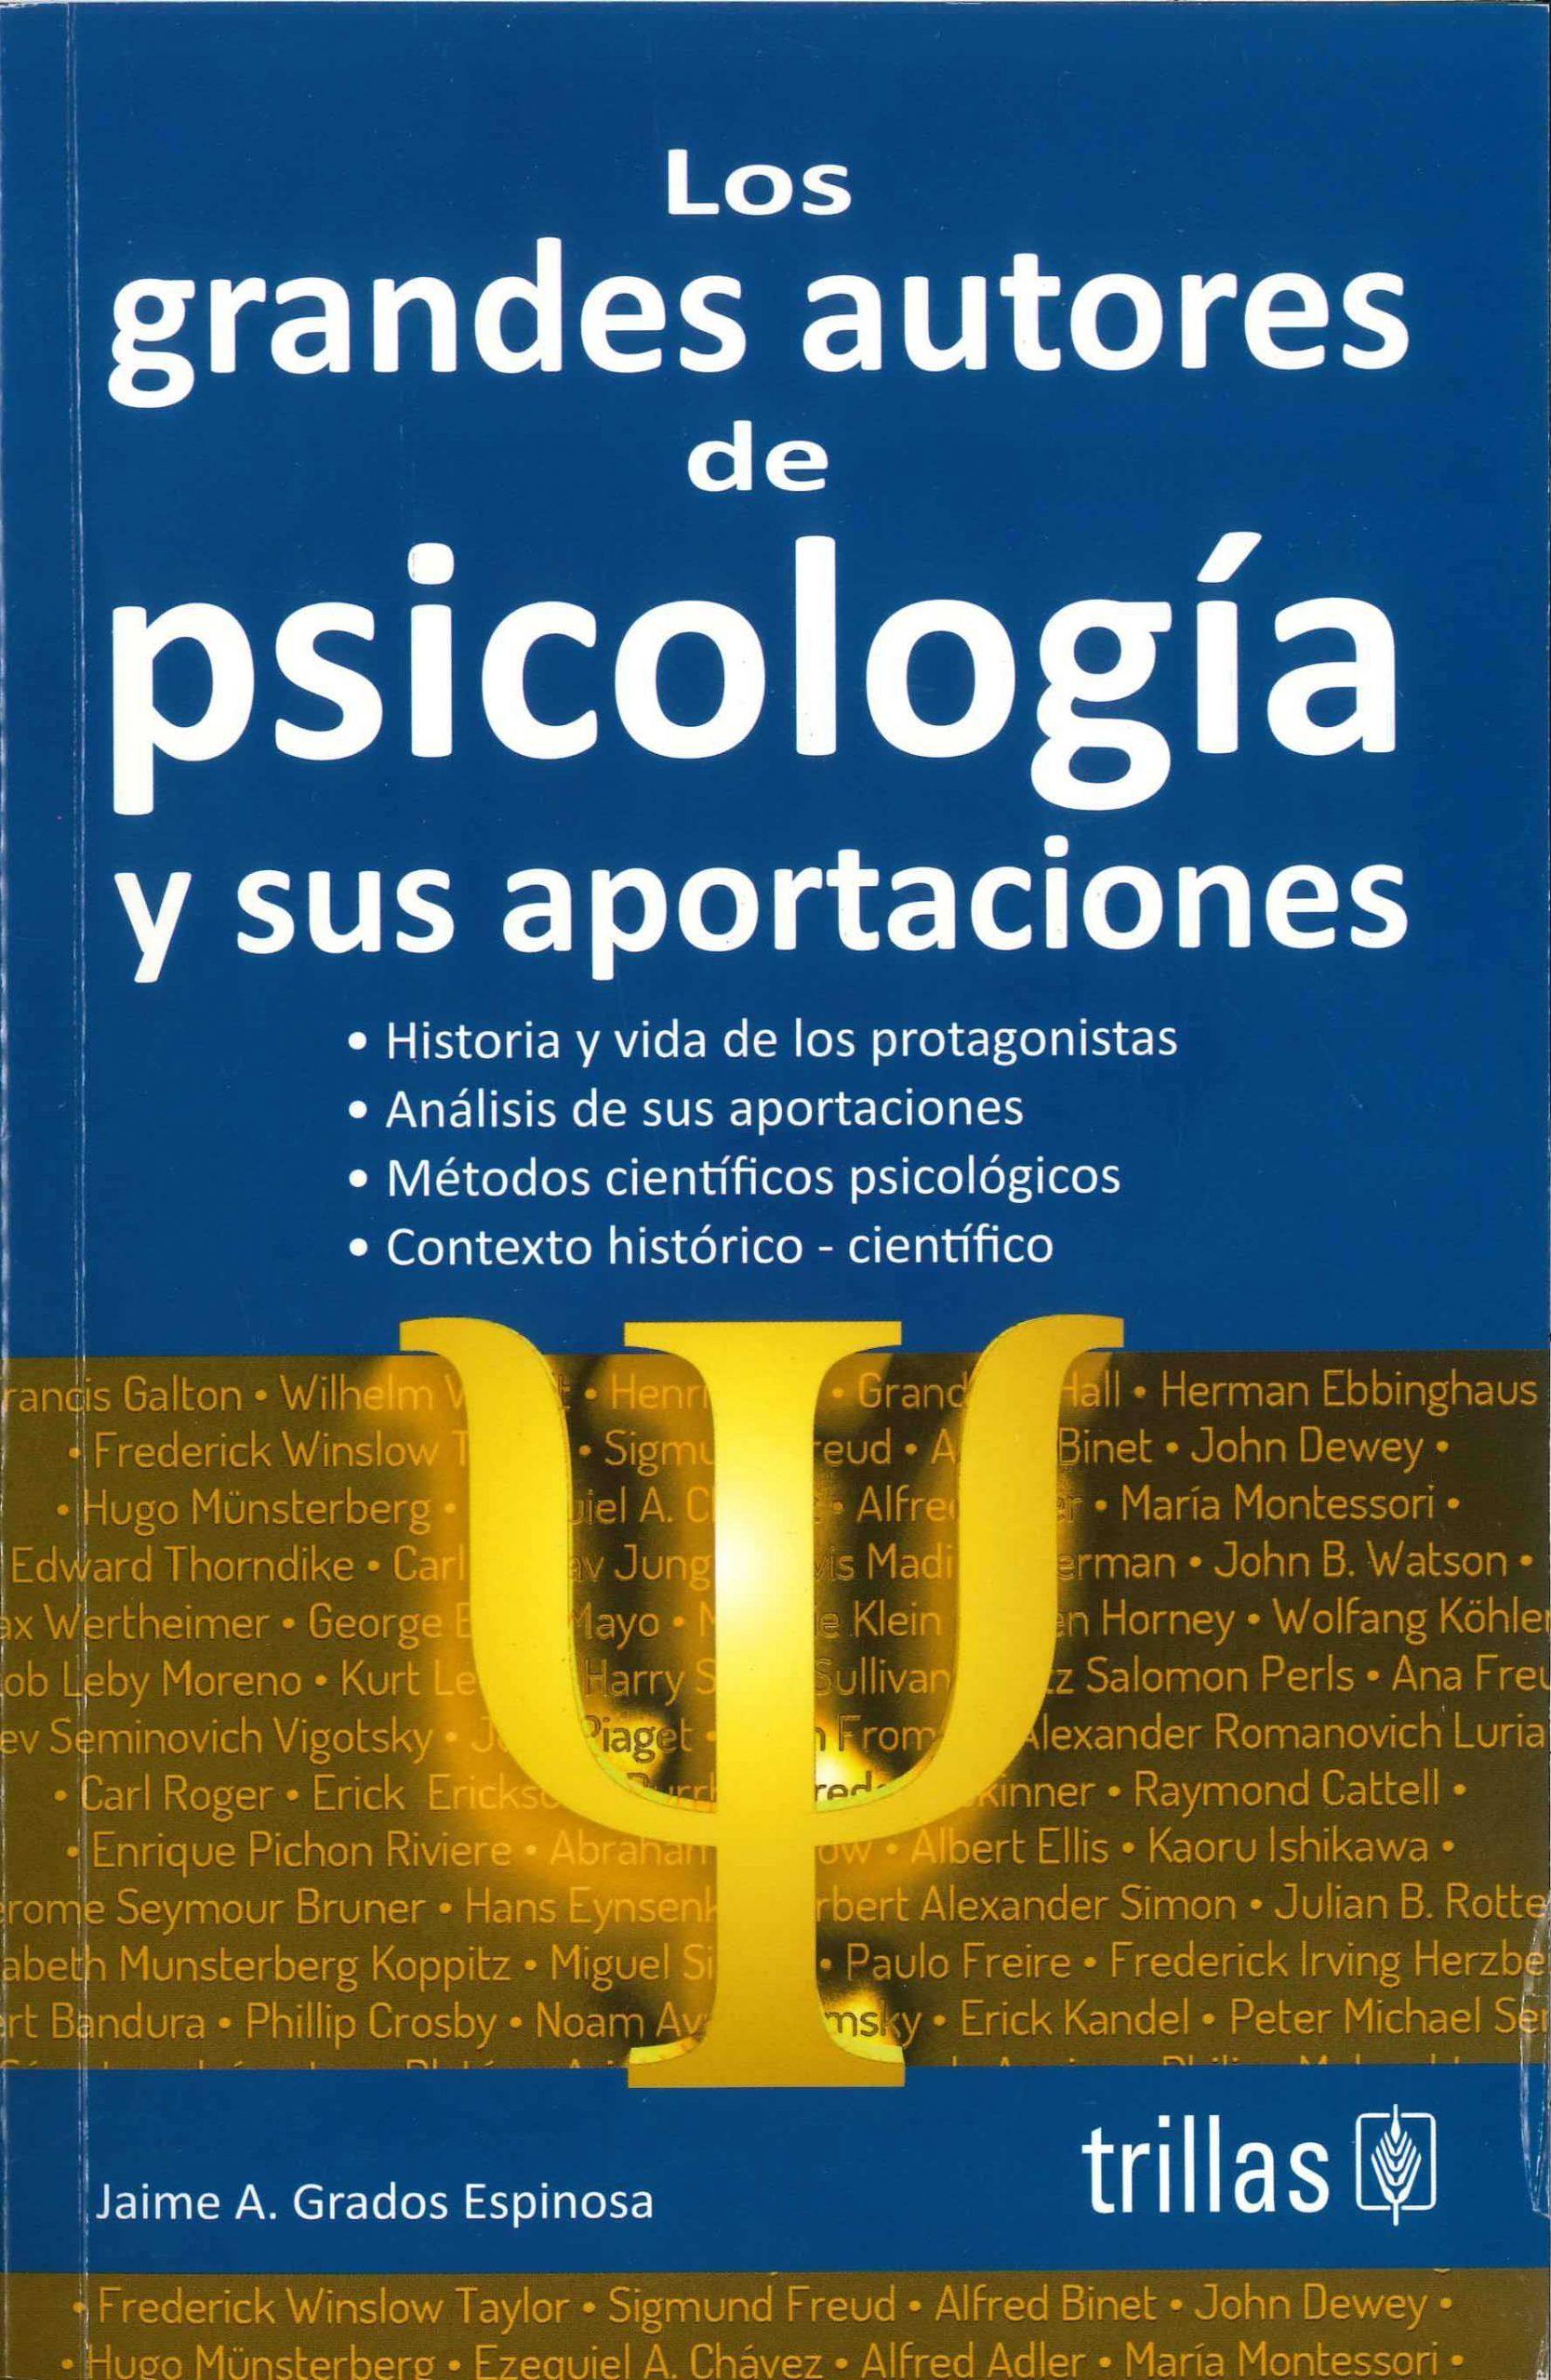 Los Grandes Autores de Psicología y sus aportaciones.